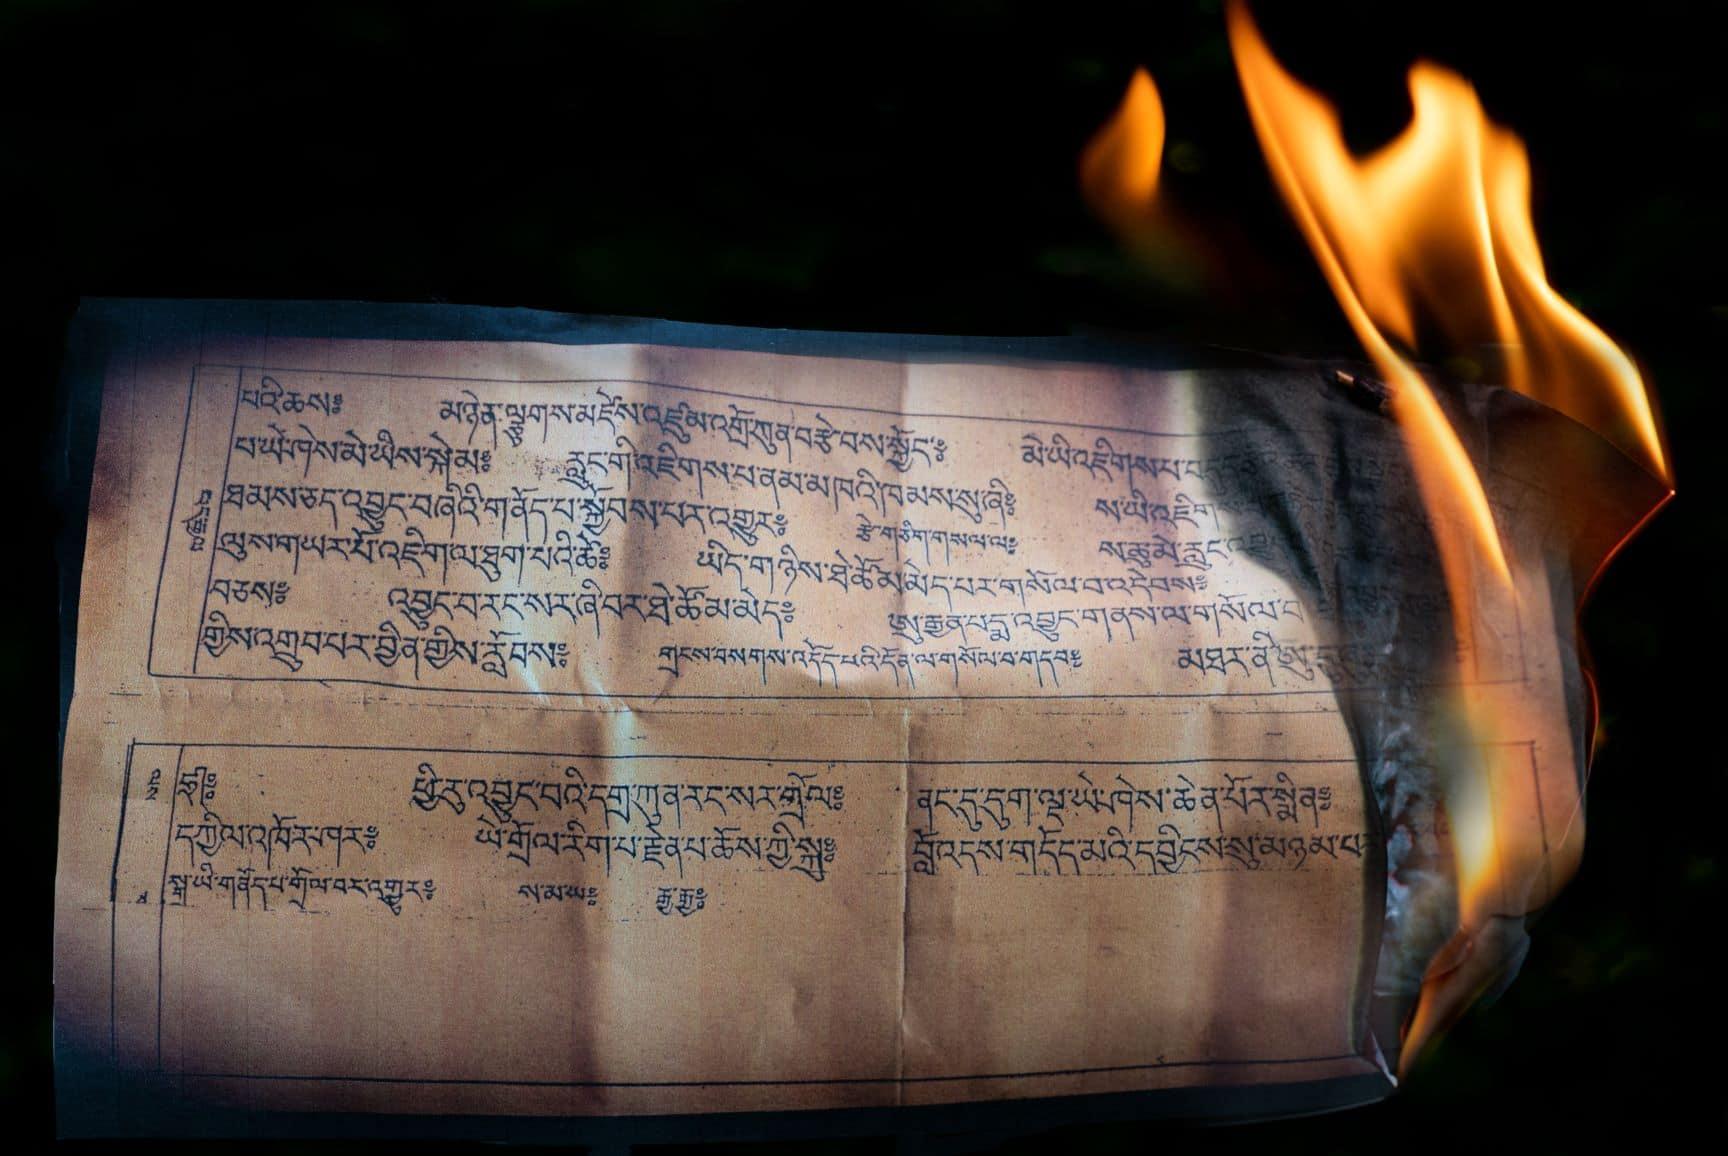 Tibetisches Buch in Flammen